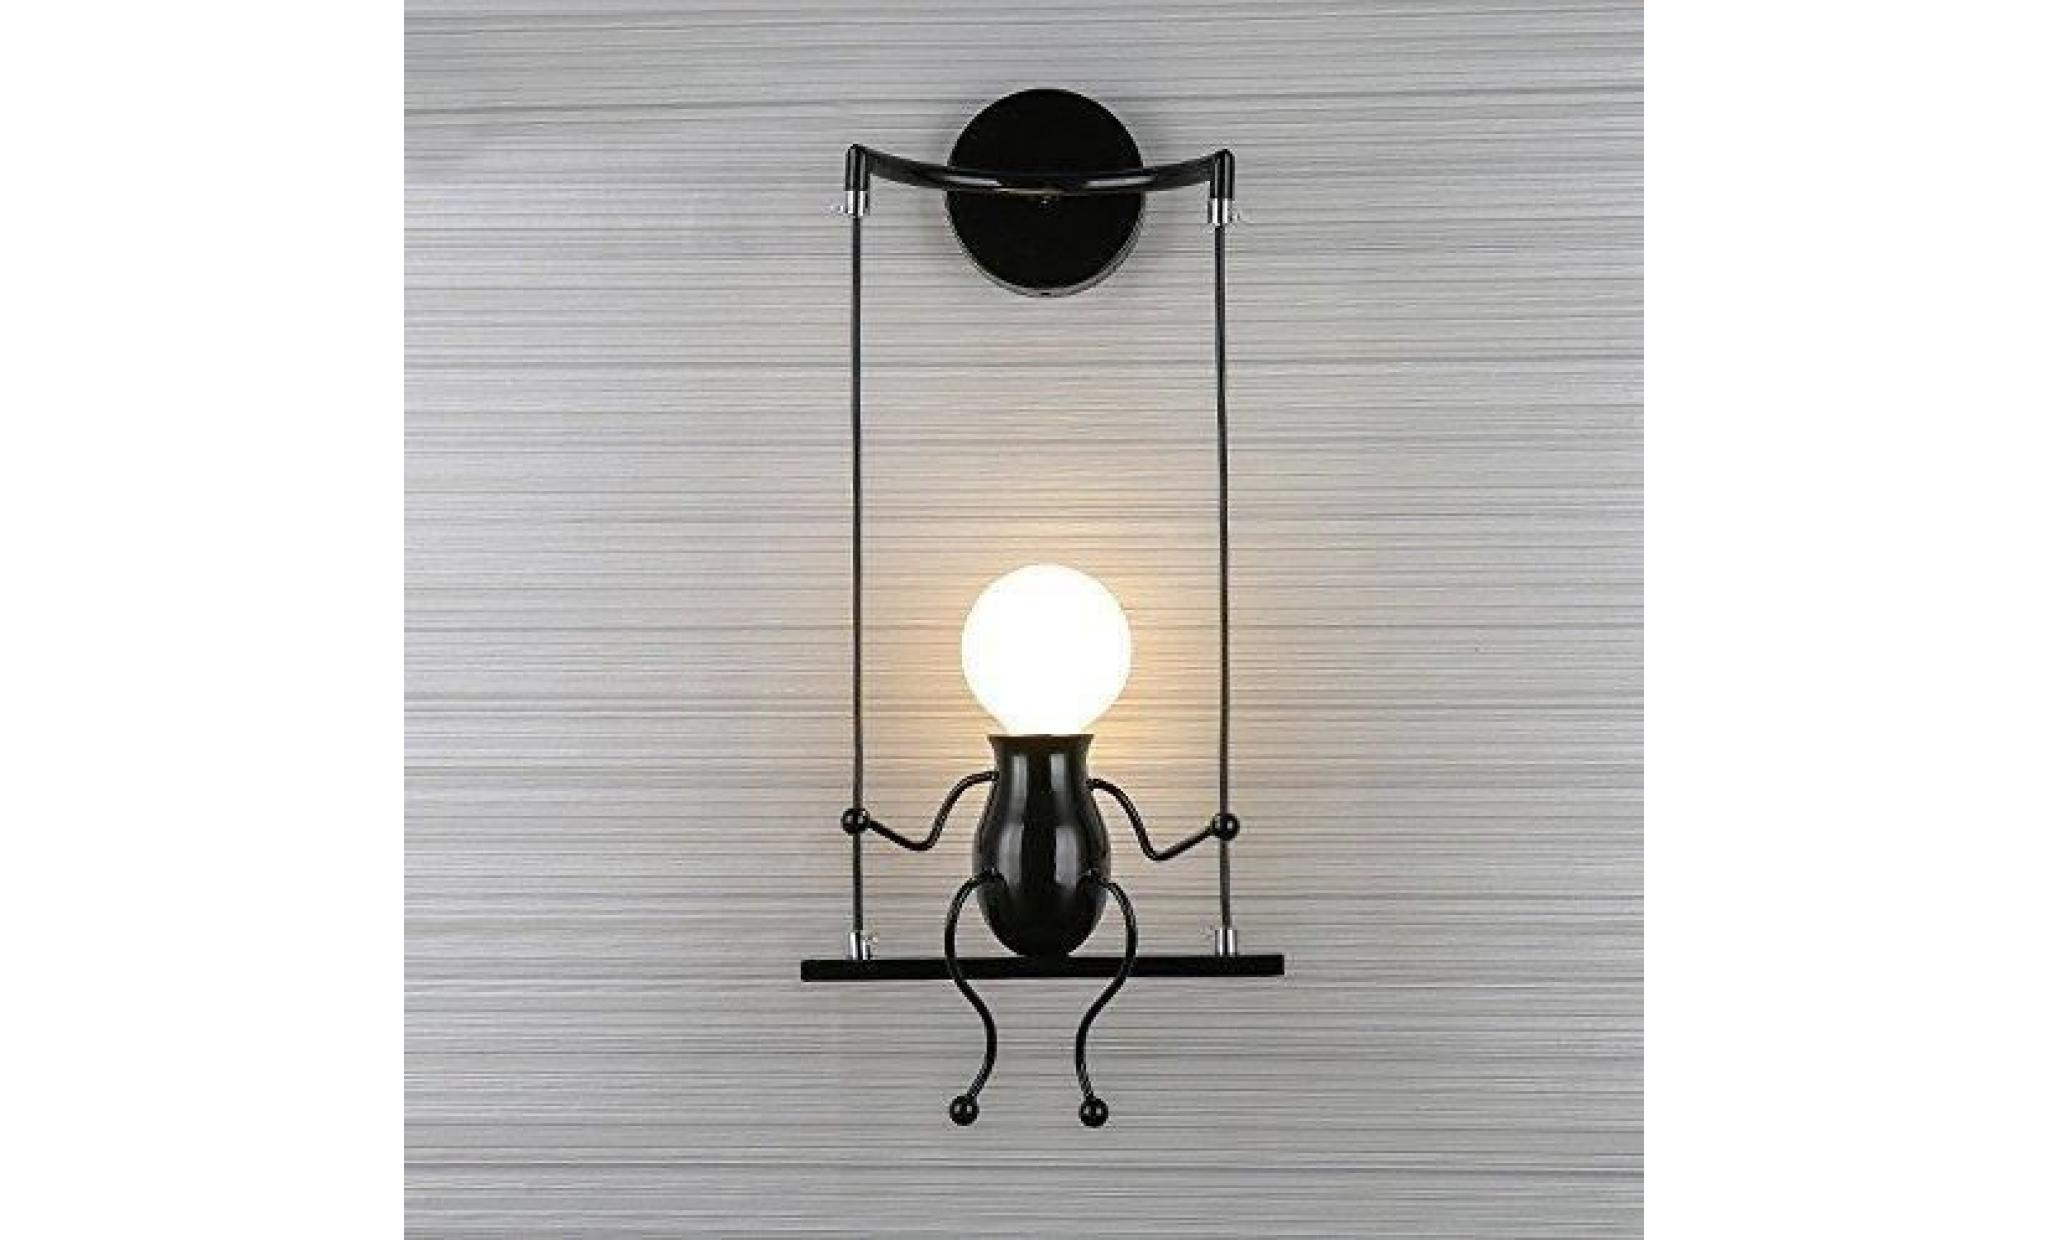 moderne mode applique murale créatif simplicité design appliques pour chambre d'enfant eclairage lampe douille e27*1 max. 60w, blanc